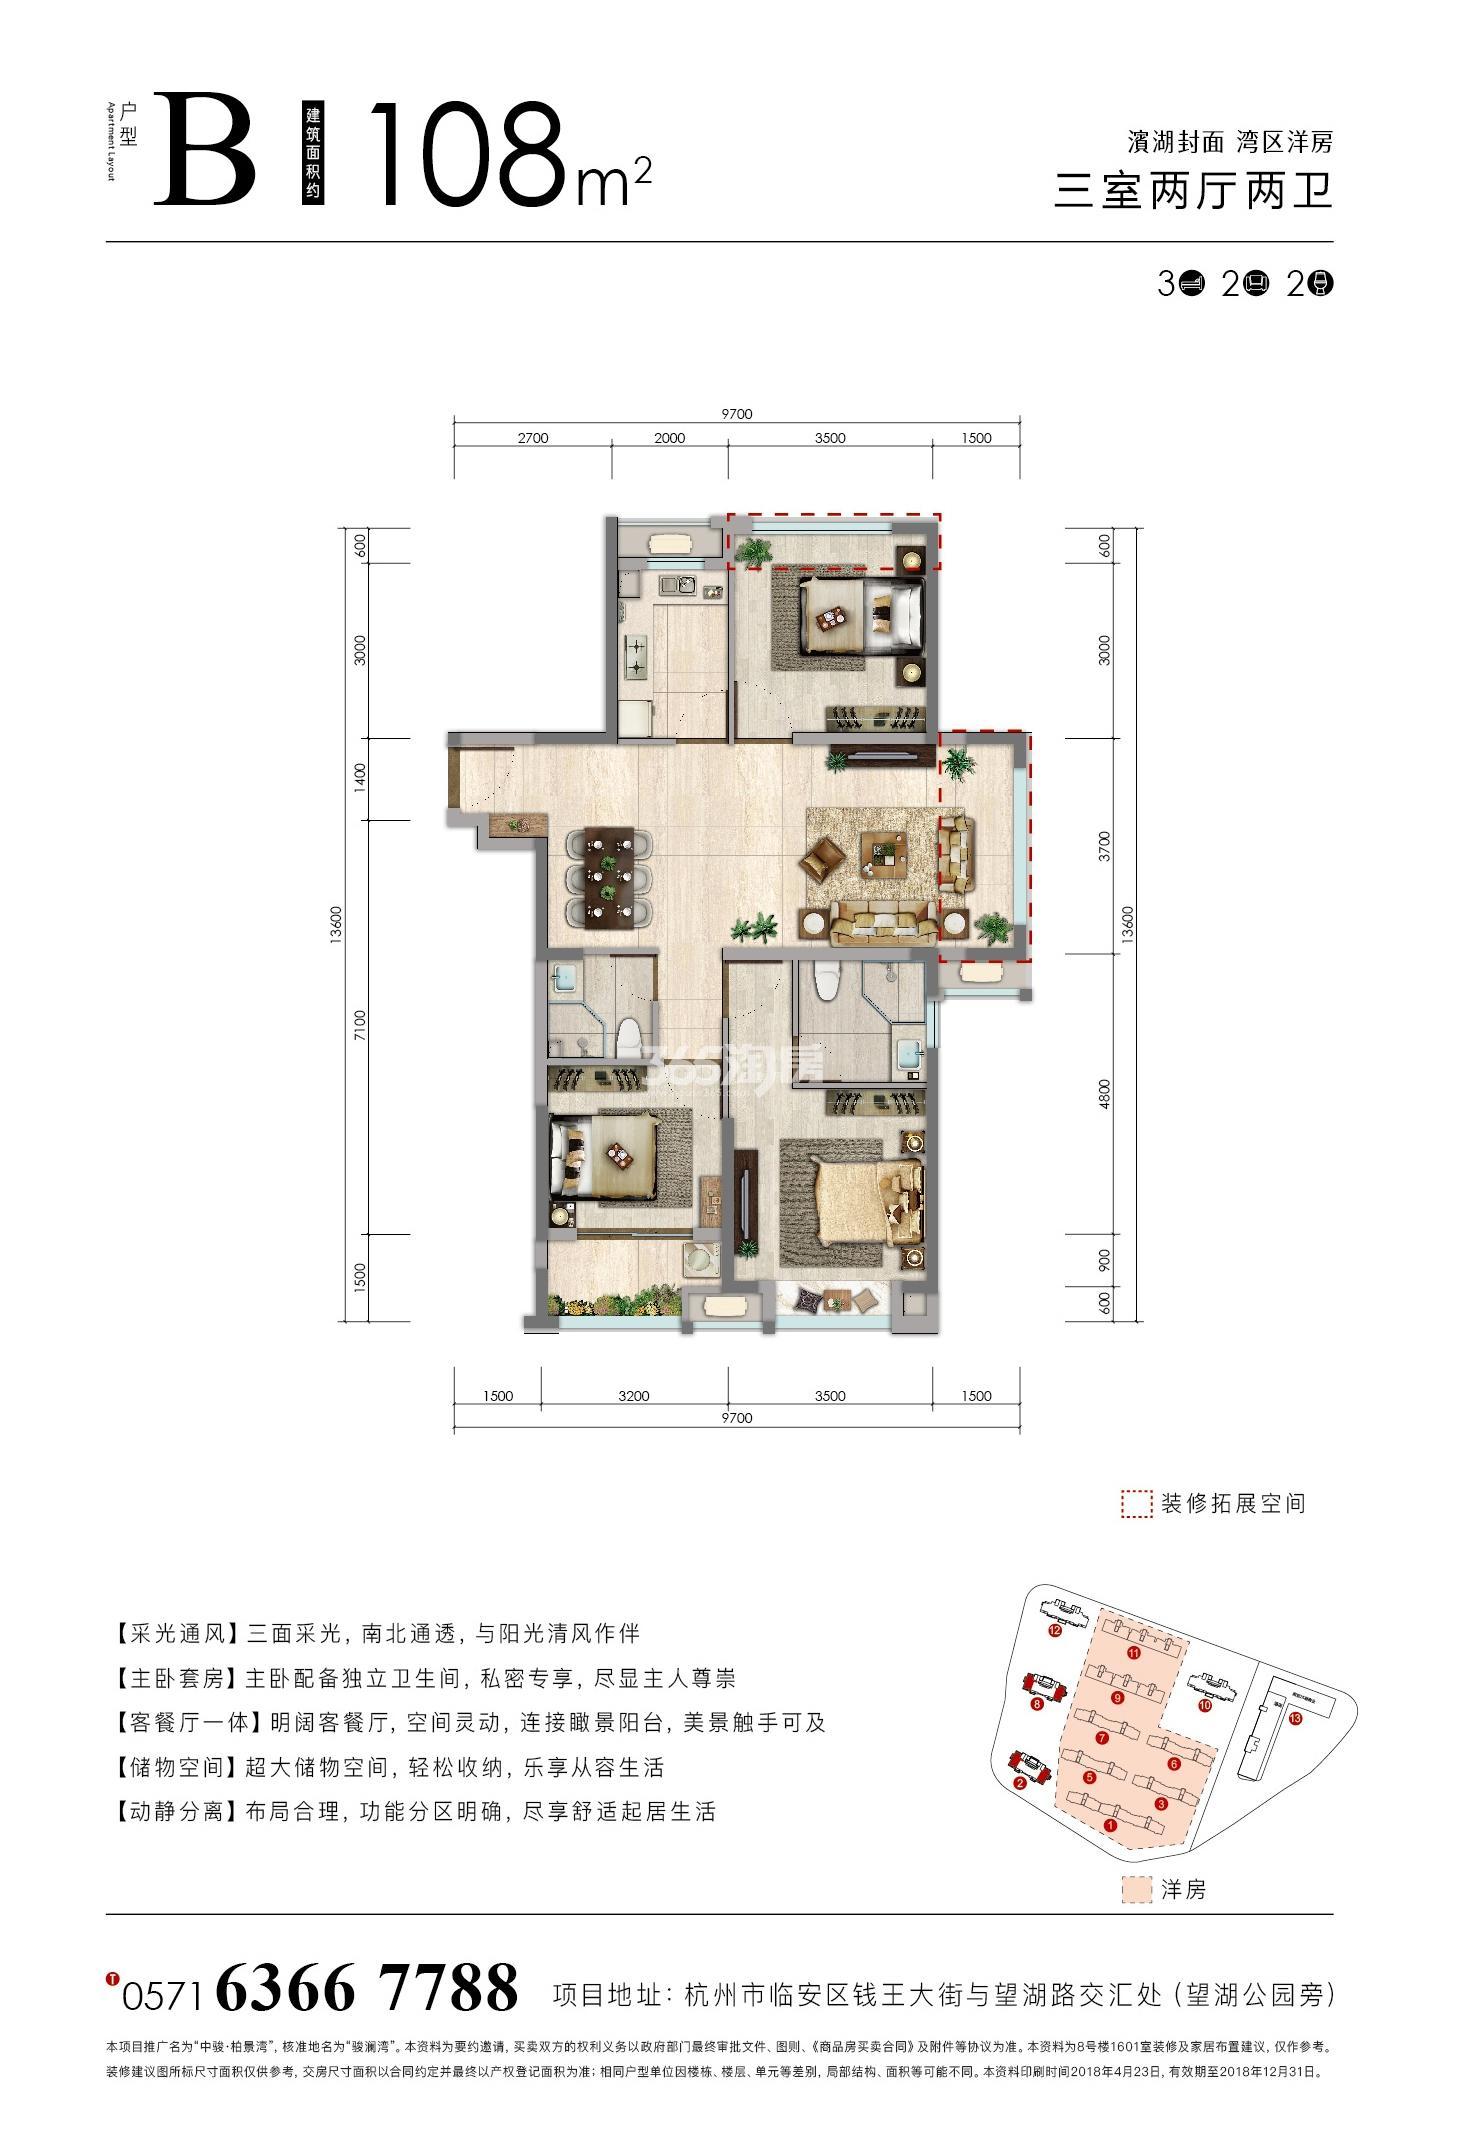 中骏柏景湾高层B户型108㎡(2、8#边套)